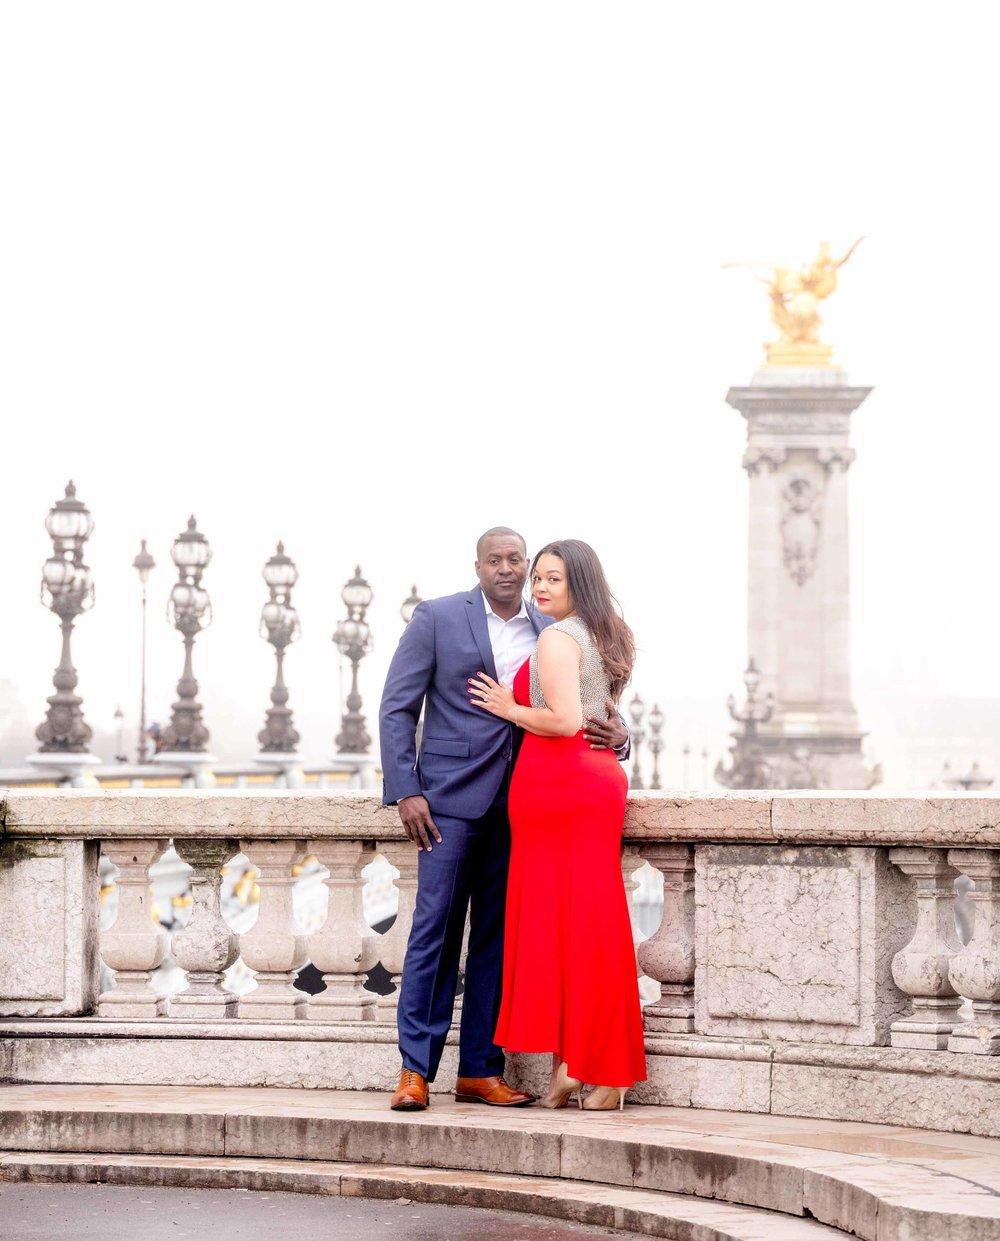 romantic couples photography pont alexandre paris